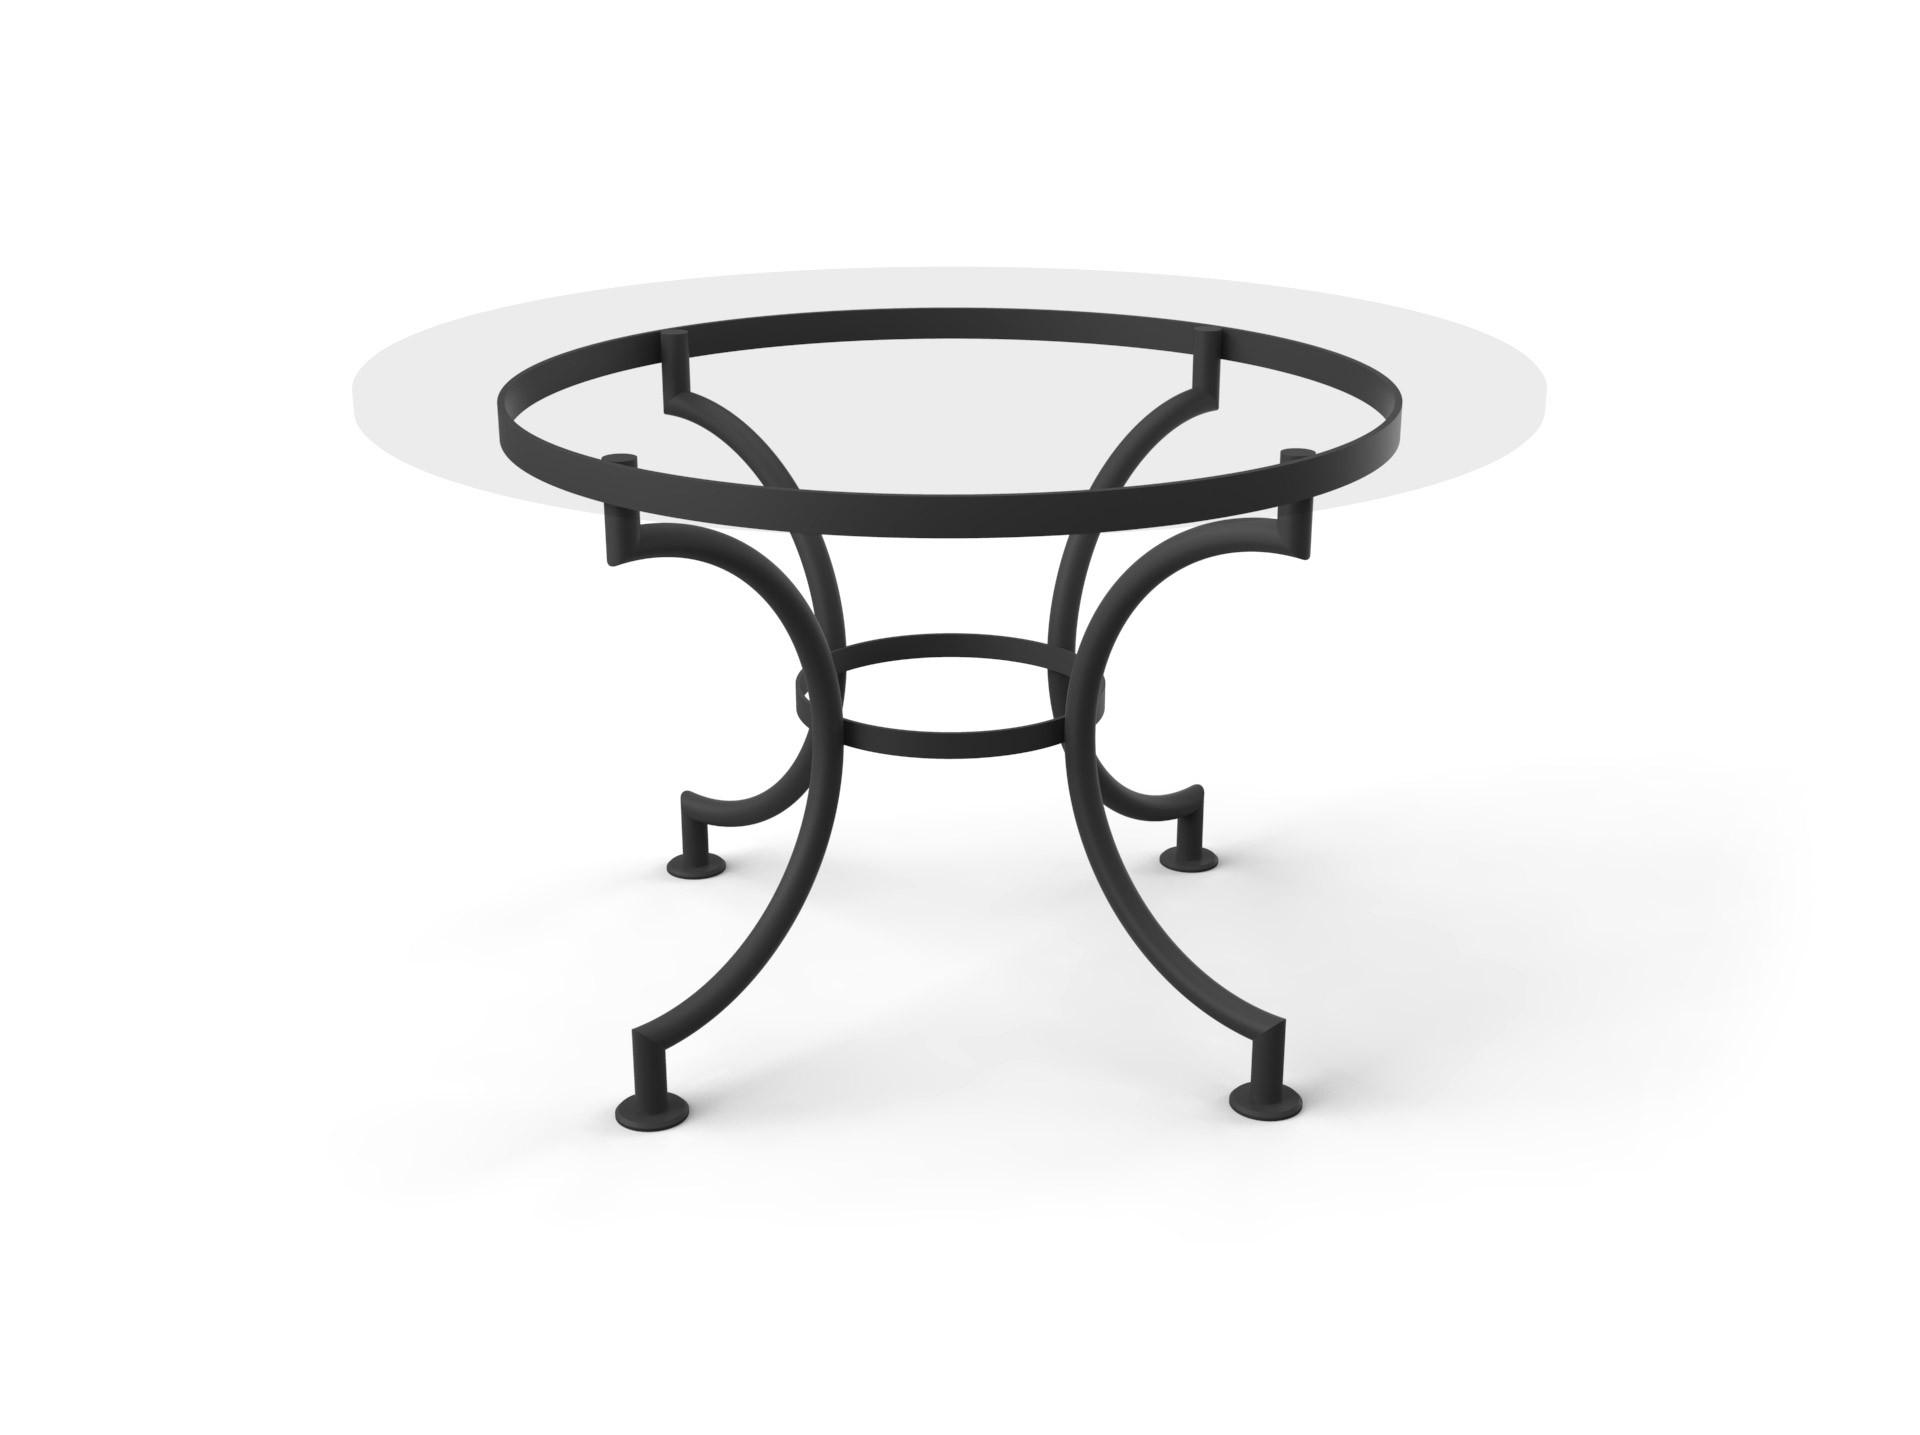 Tischgestell Fortuna